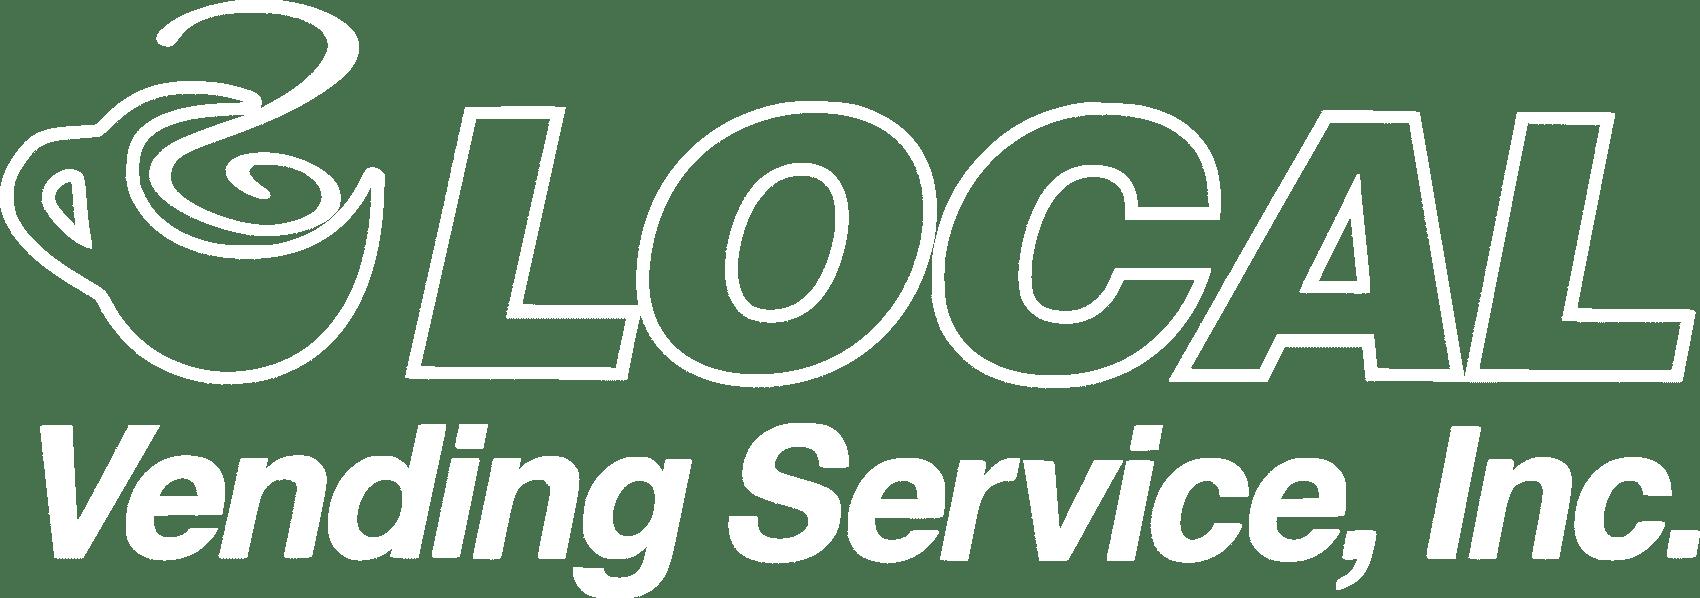 LocalVendingMachineWhiteLogo